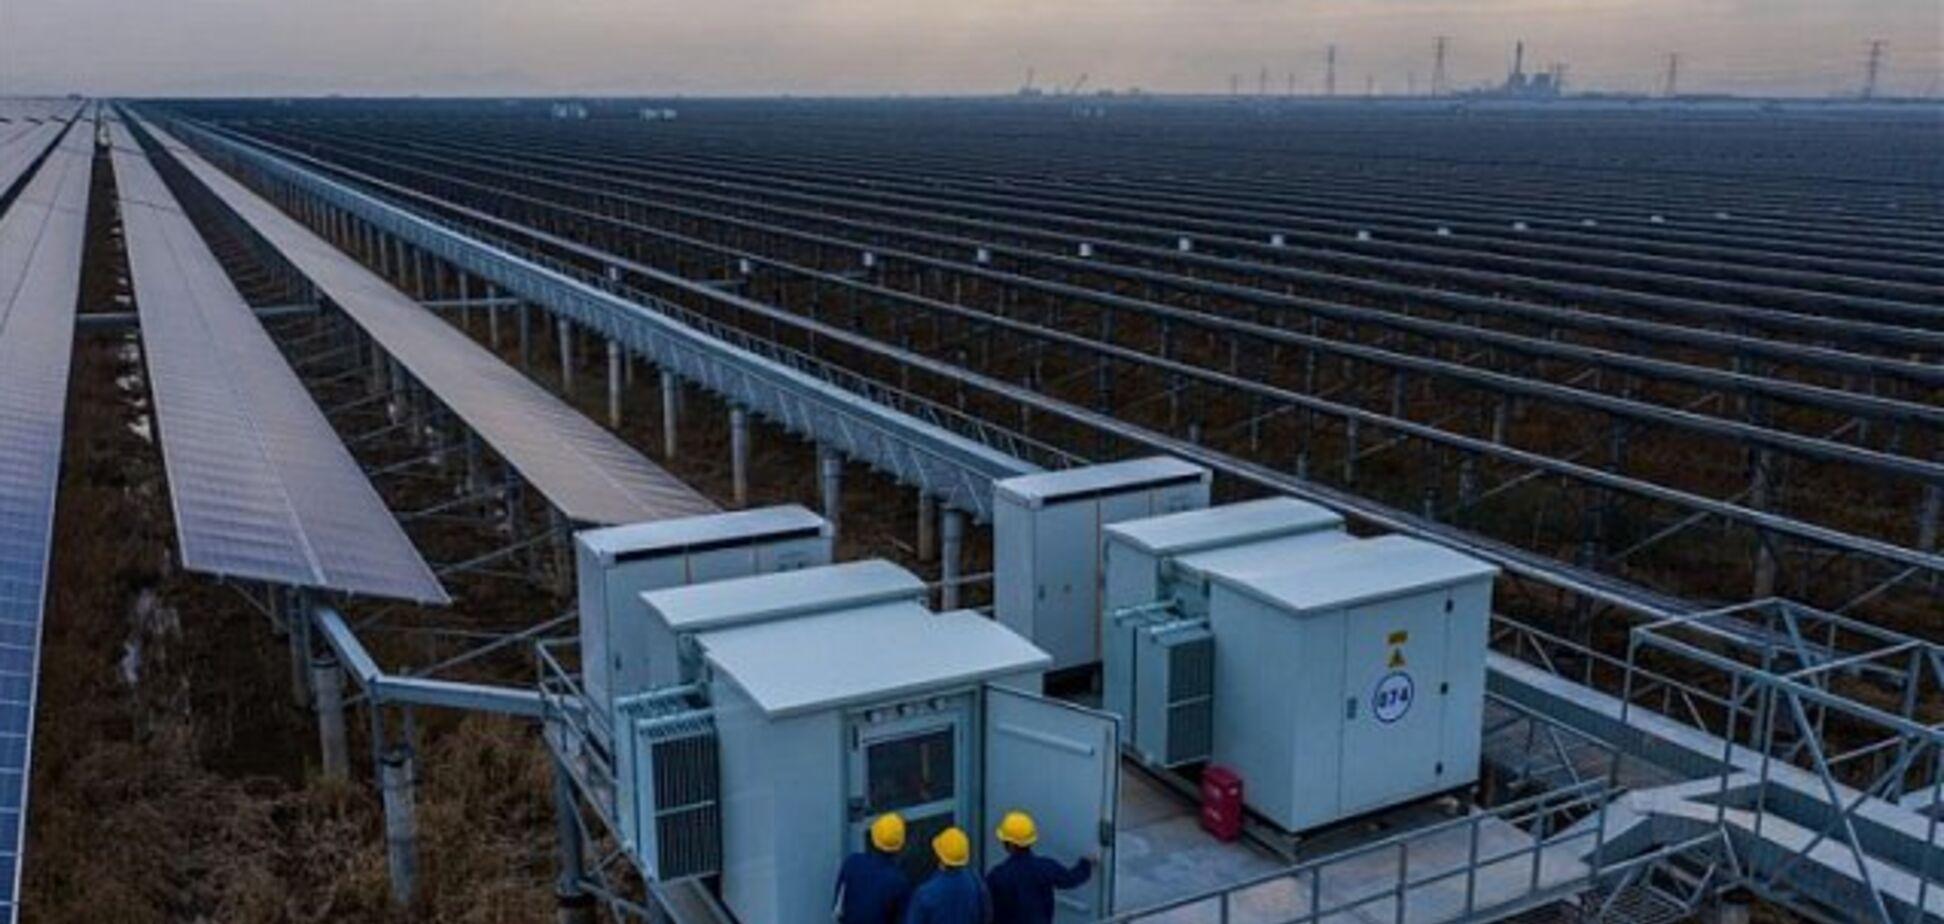 В приливной зоне Китая запустили необычную солнечную станцию: фото